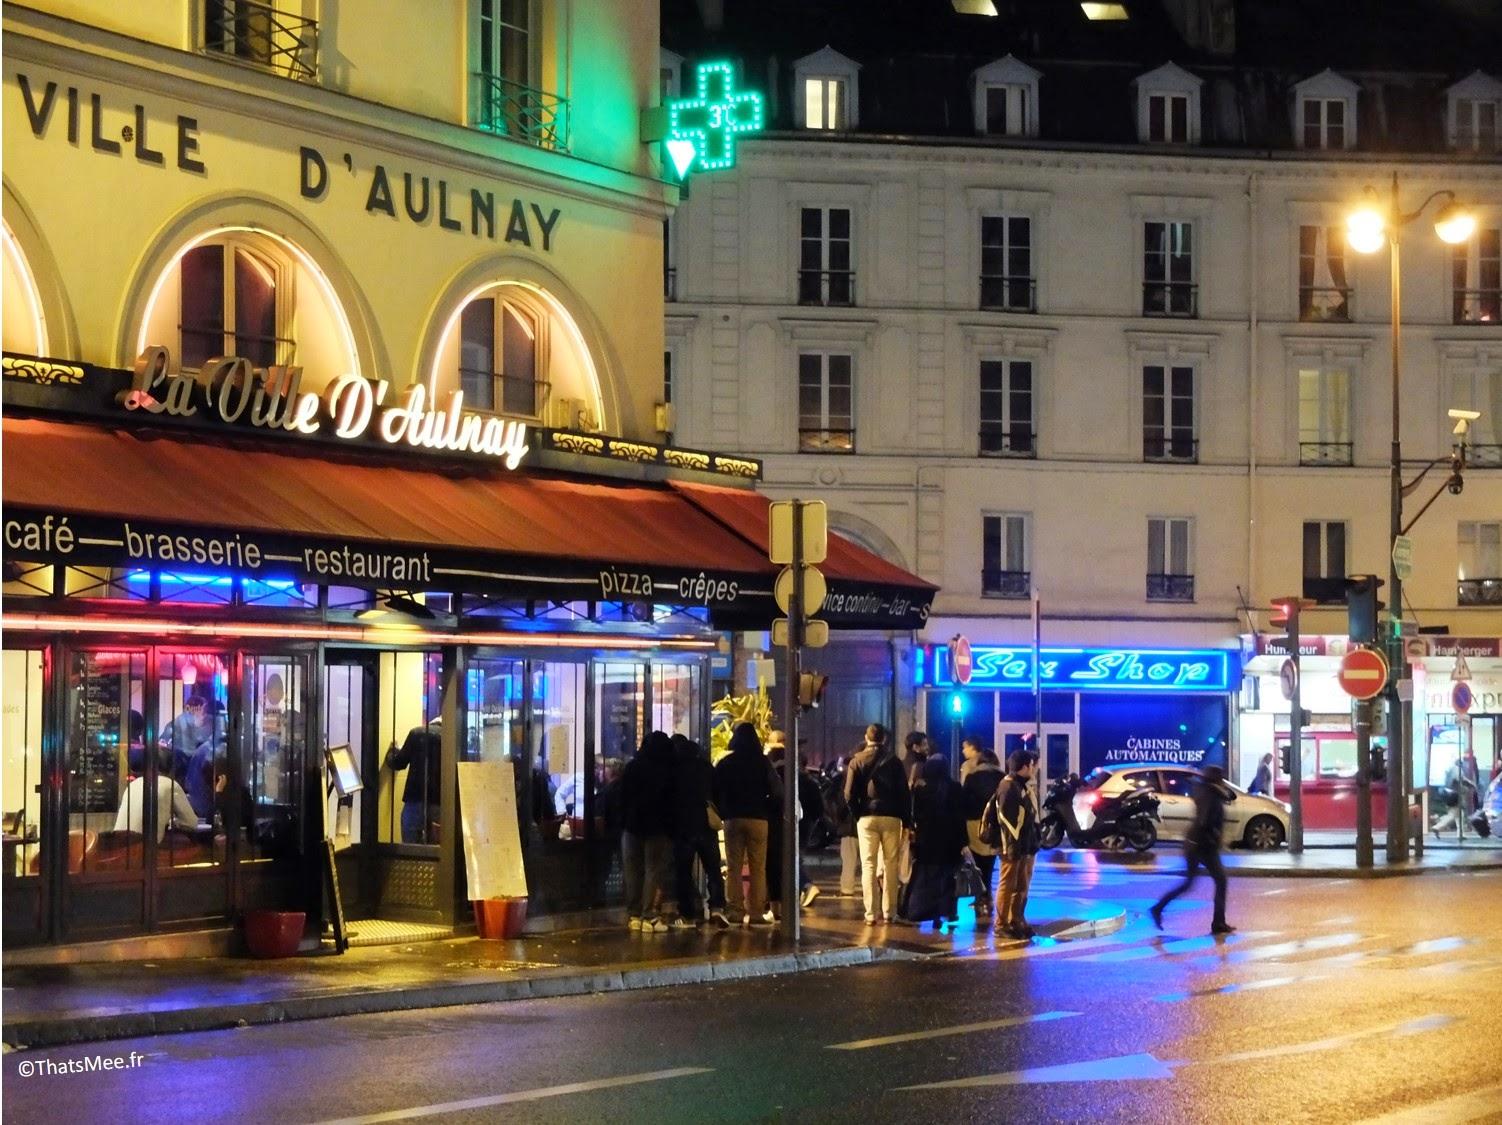 néons enseignes lumineuses café Ville d'Aulnay rue Lafayette